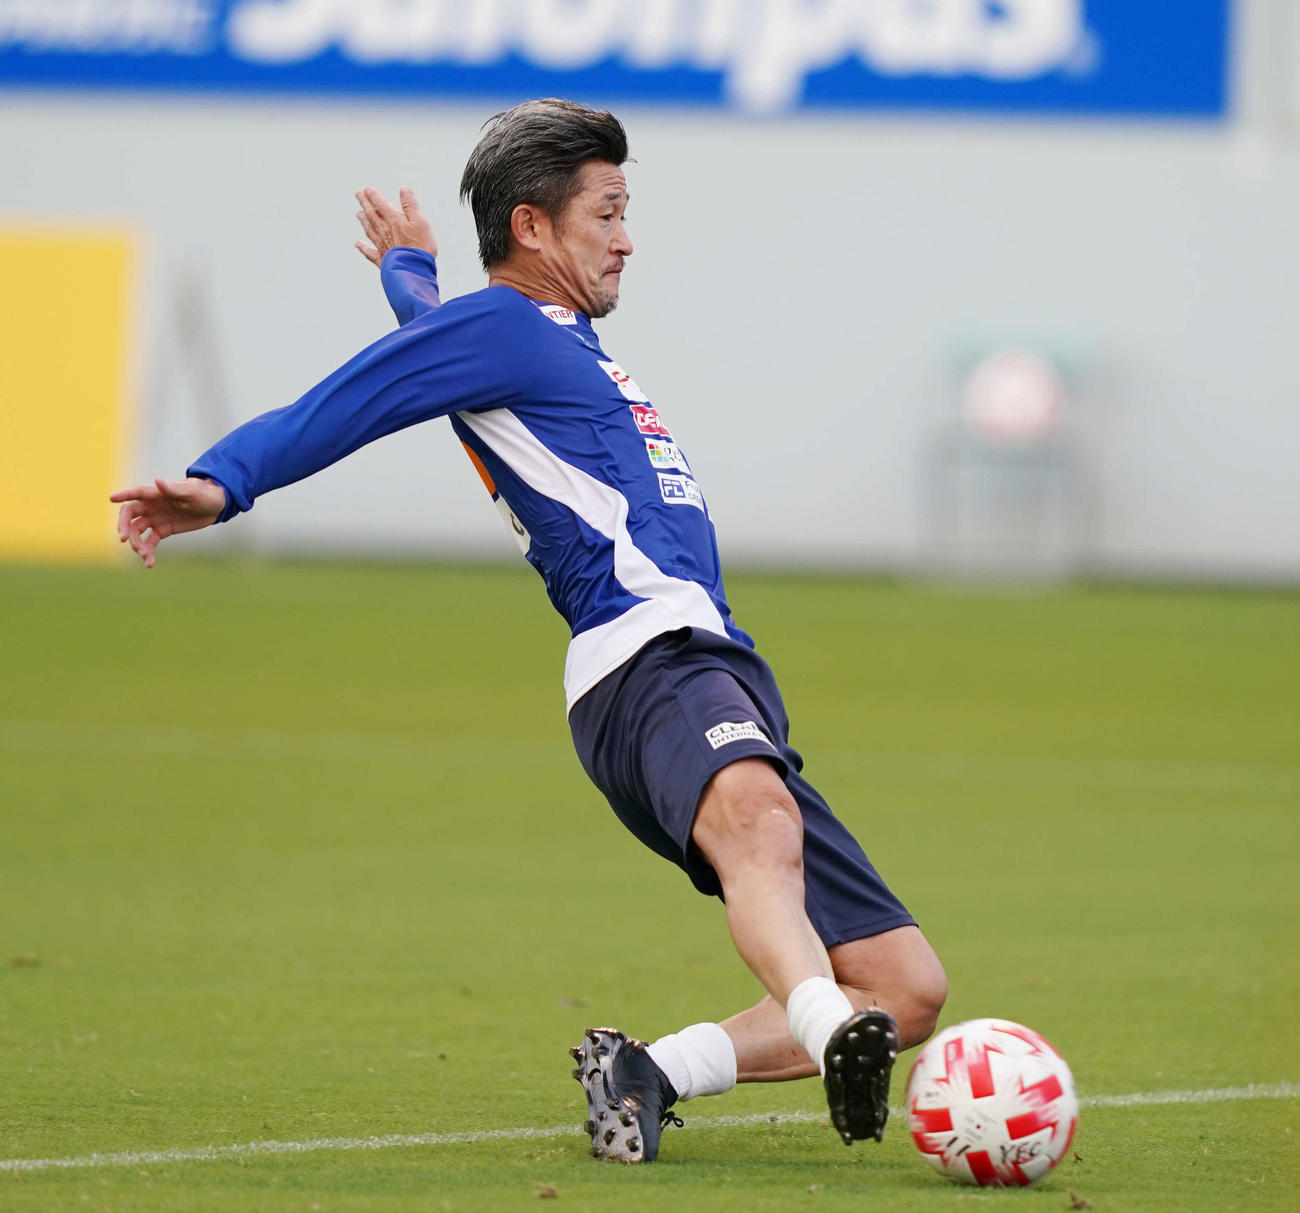 鳥栖対横浜FC 試合前練習に臨む横浜FC・FWカズ(撮影・江口和貴)